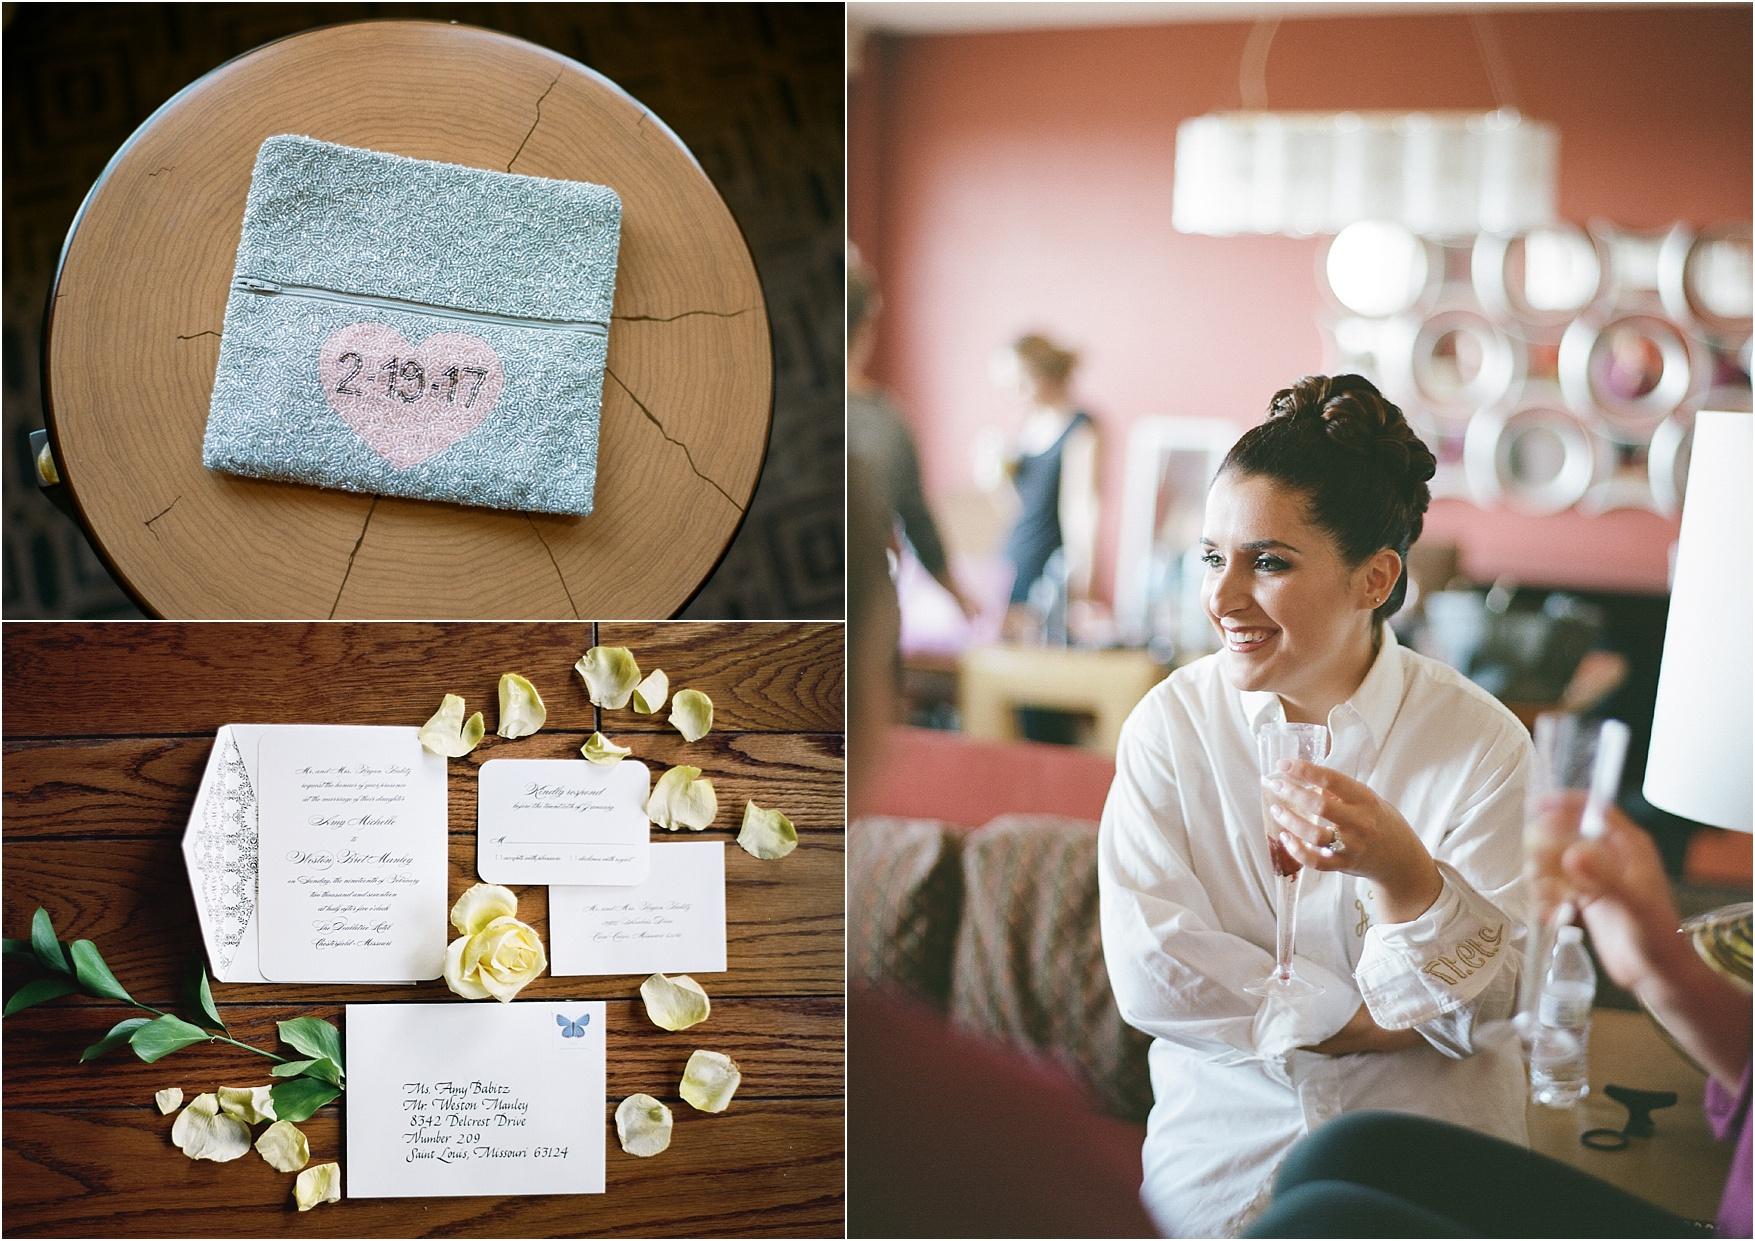 wedding photography st louis_lauren muckler photography_film photographer_film wedding_0042.jpg